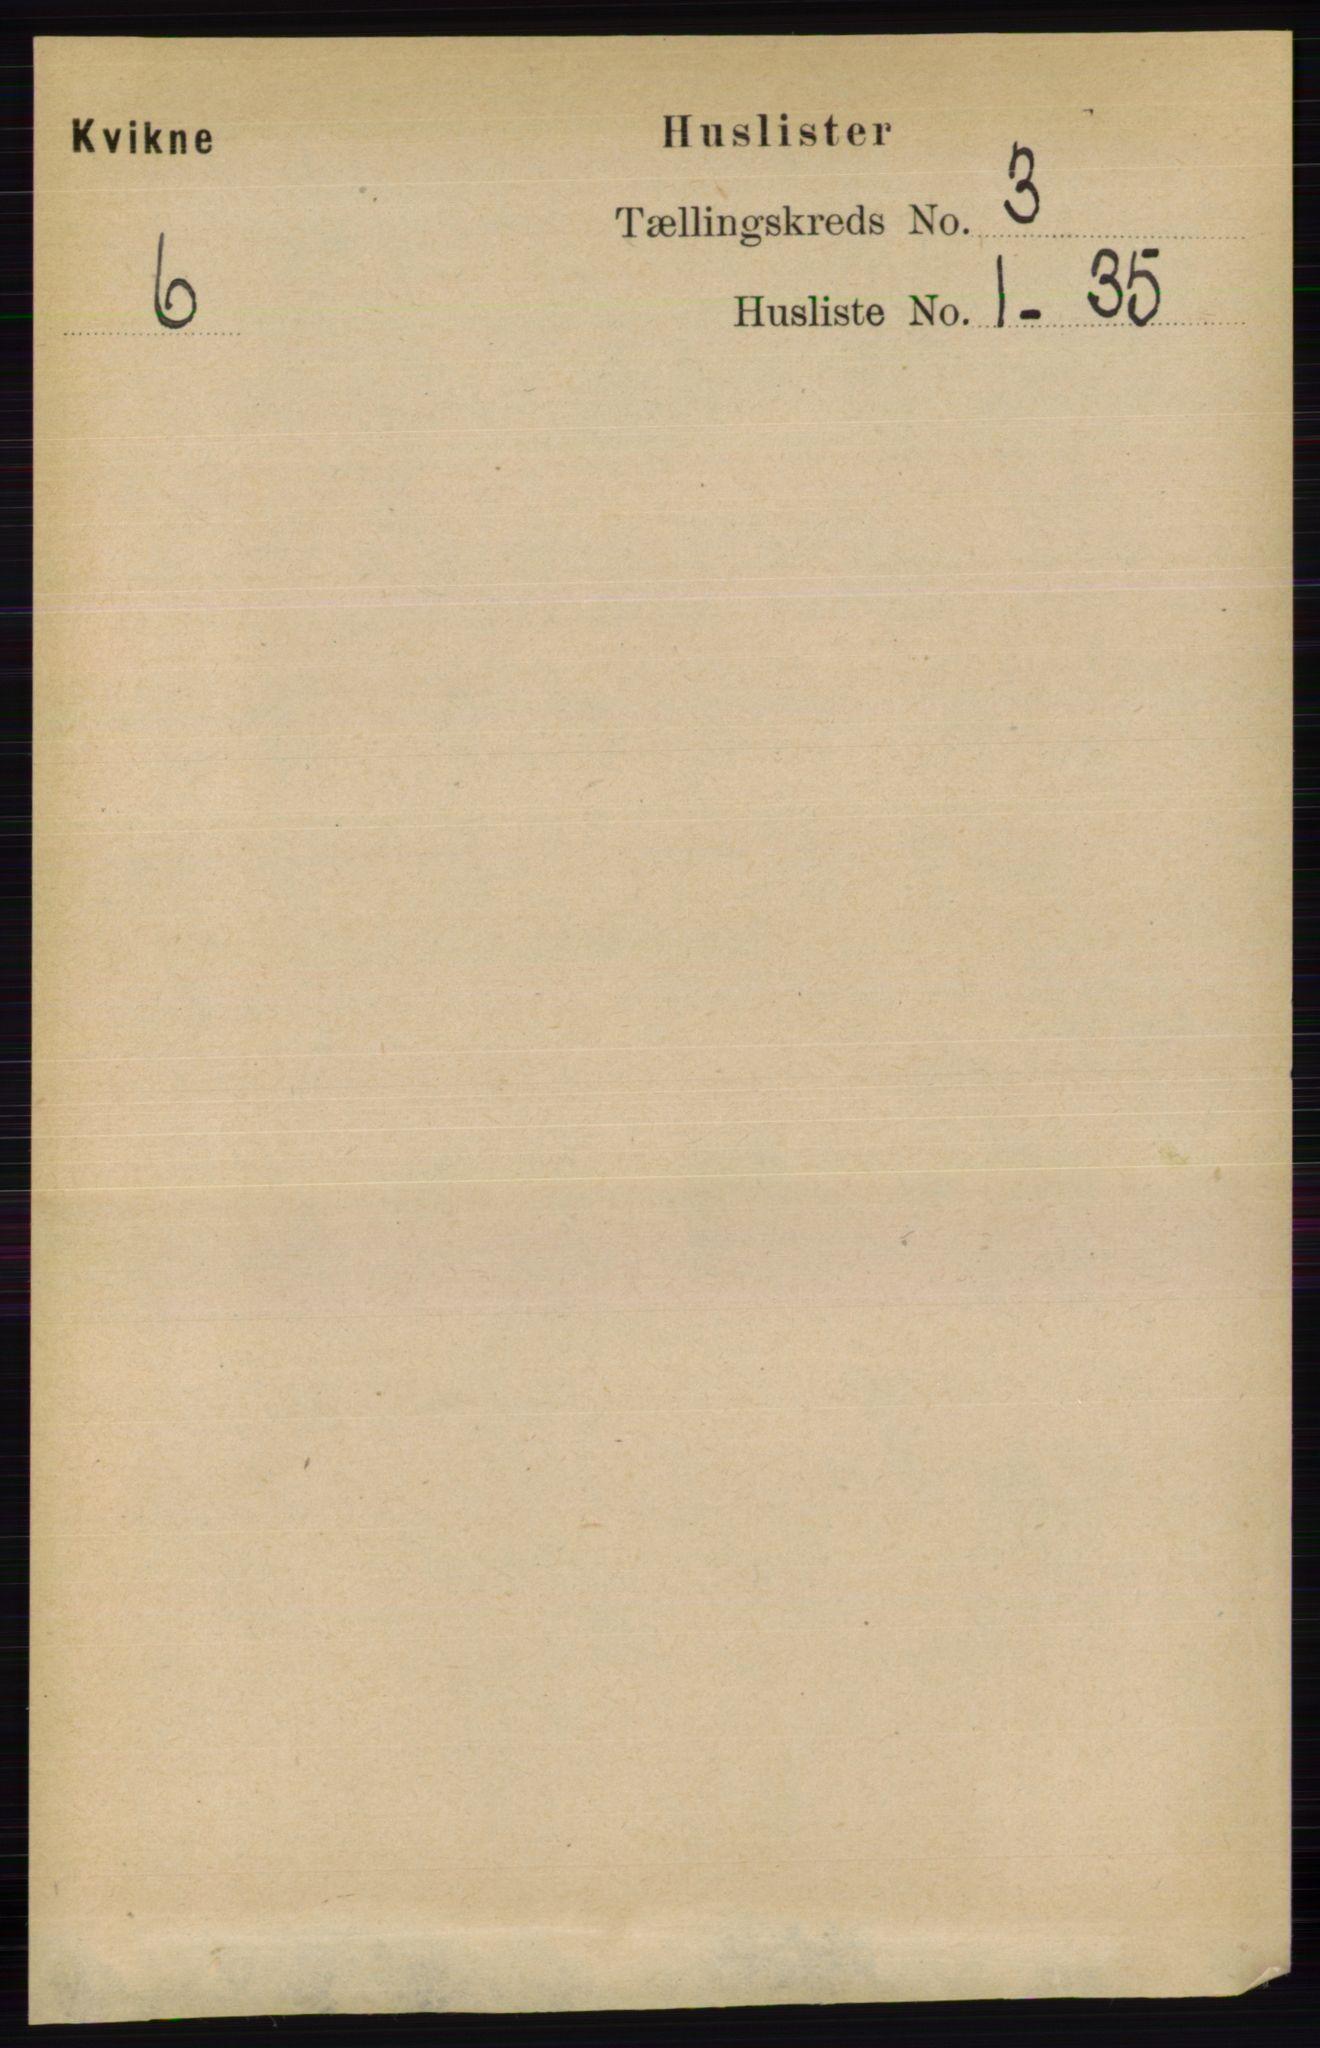 RA, Folketelling 1891 for 0440 Kvikne herred, 1891, s. 643